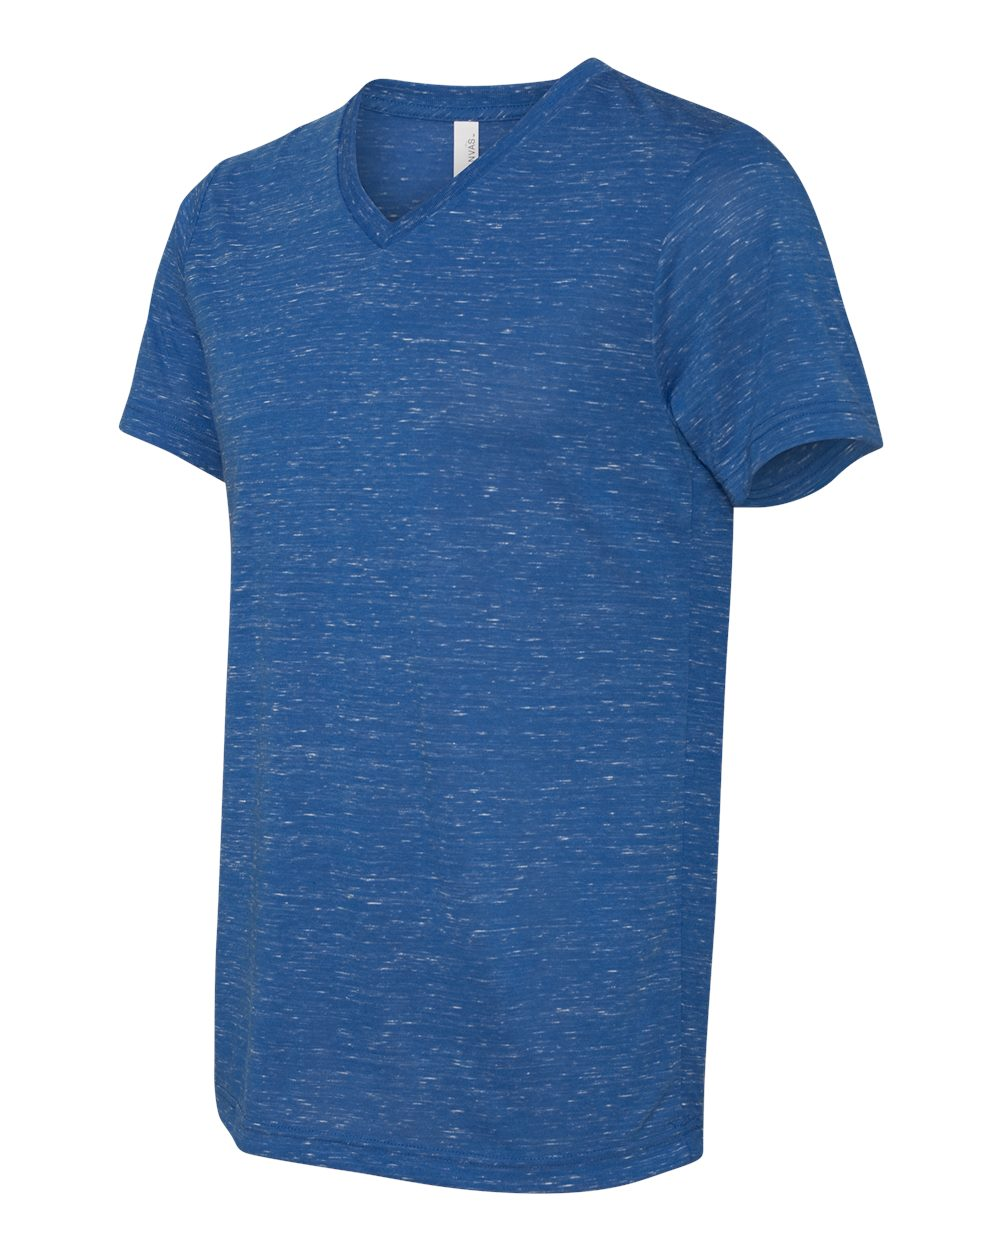 Bella-Canvas-Men-039-s-Jersey-Short-Sleeve-V-Neck-T-Shirt-3005-XS-3XL thumbnail 42